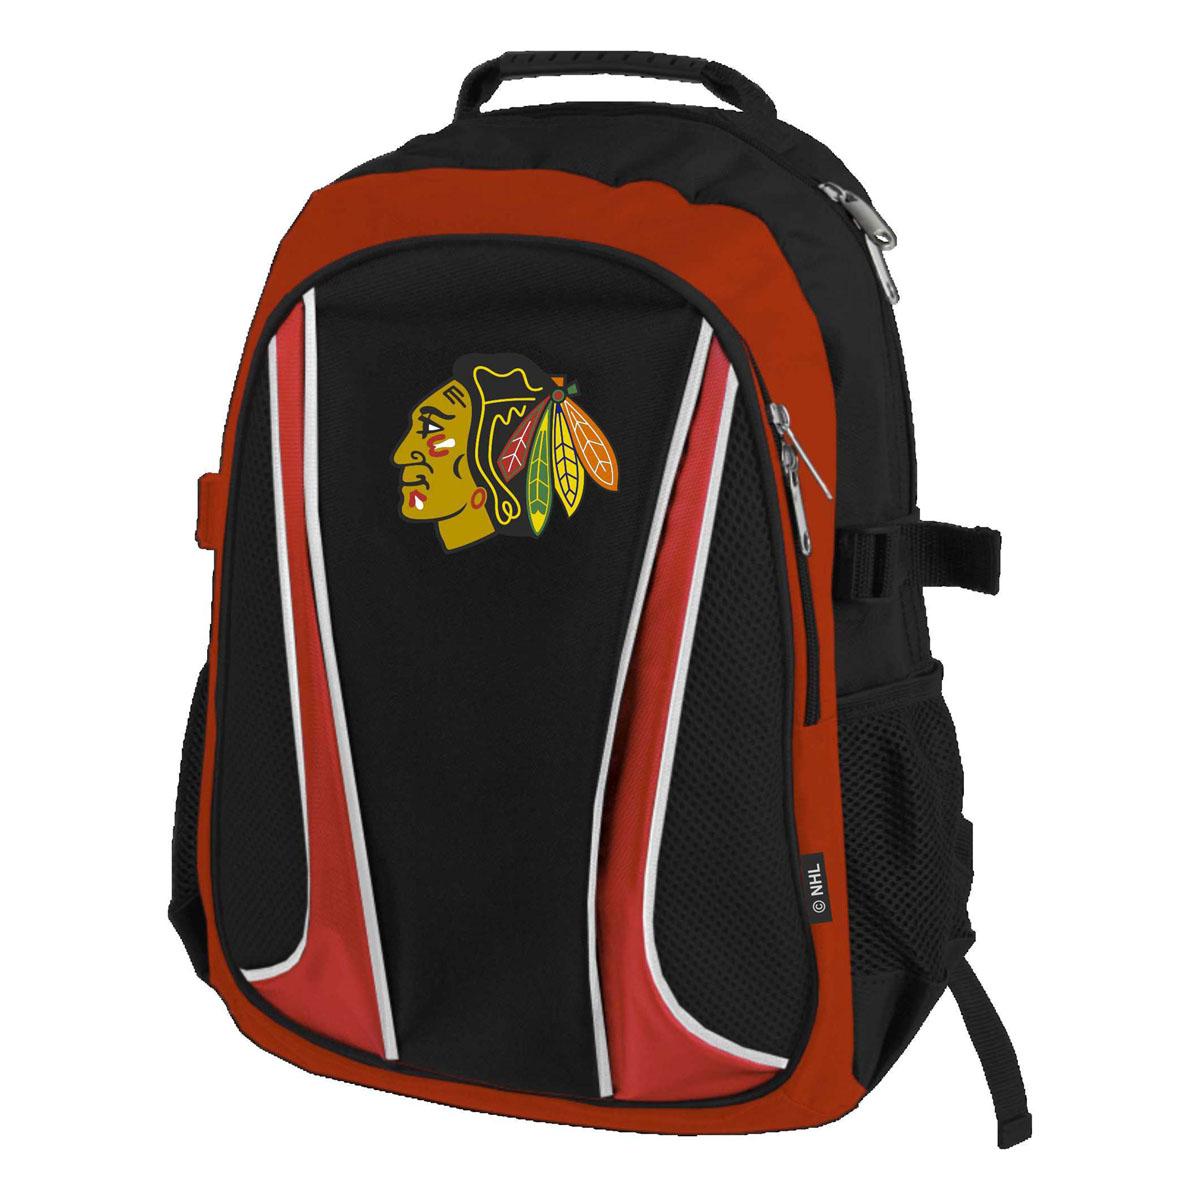 Рюкзак спортивный NHL Blackhawks, цвет: черно-красный, 18 л. 5800258002Модель декорирована контрастной отделкой, имеет одно основное вместительное отделение и большой нашивной карман с застежками на молнии, а также два дополнительных кармана из плотной сетки. Уплотненная «спинка» обеспечивает комфортное анатомическое прилегание к спине, не стесняющее движений. Рюкзак оснащен удобными лямками с фиксаторами длины и пластиковой ручкой. Производство: Atributika & Club (Китай). Состав:100% полиэстер.